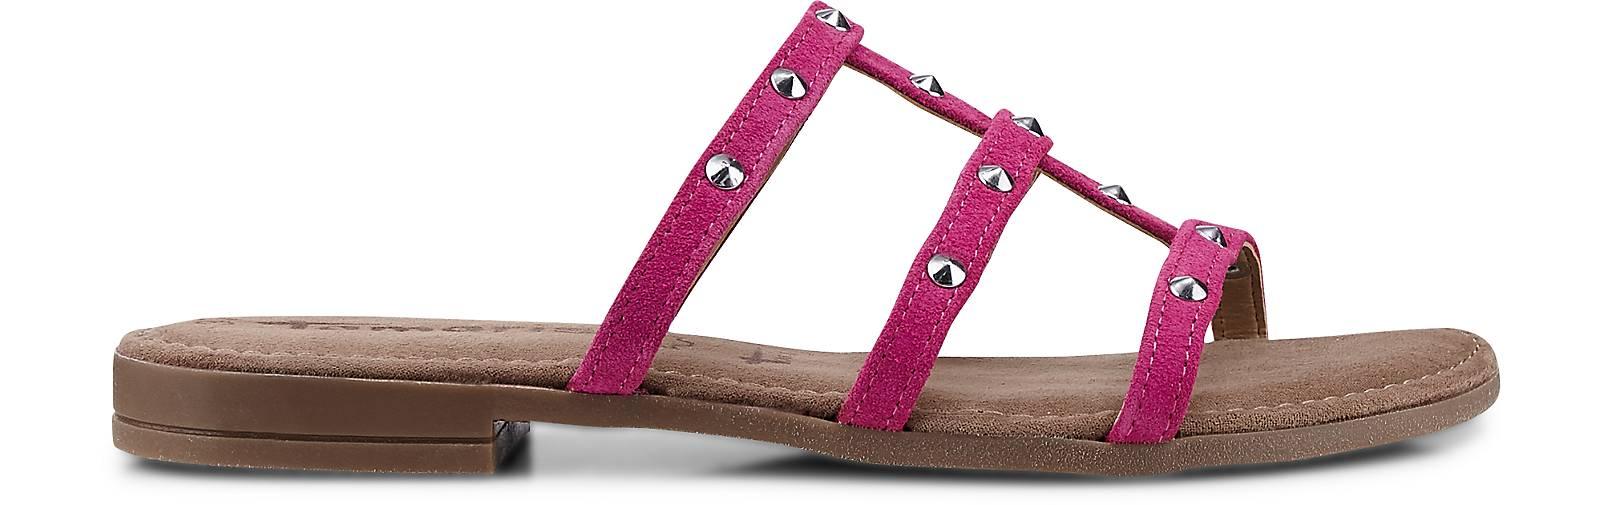 Tamaris kaufen Trend-Pantolette in pink kaufen Tamaris - 47863601 | GÖRTZ 6dc75b